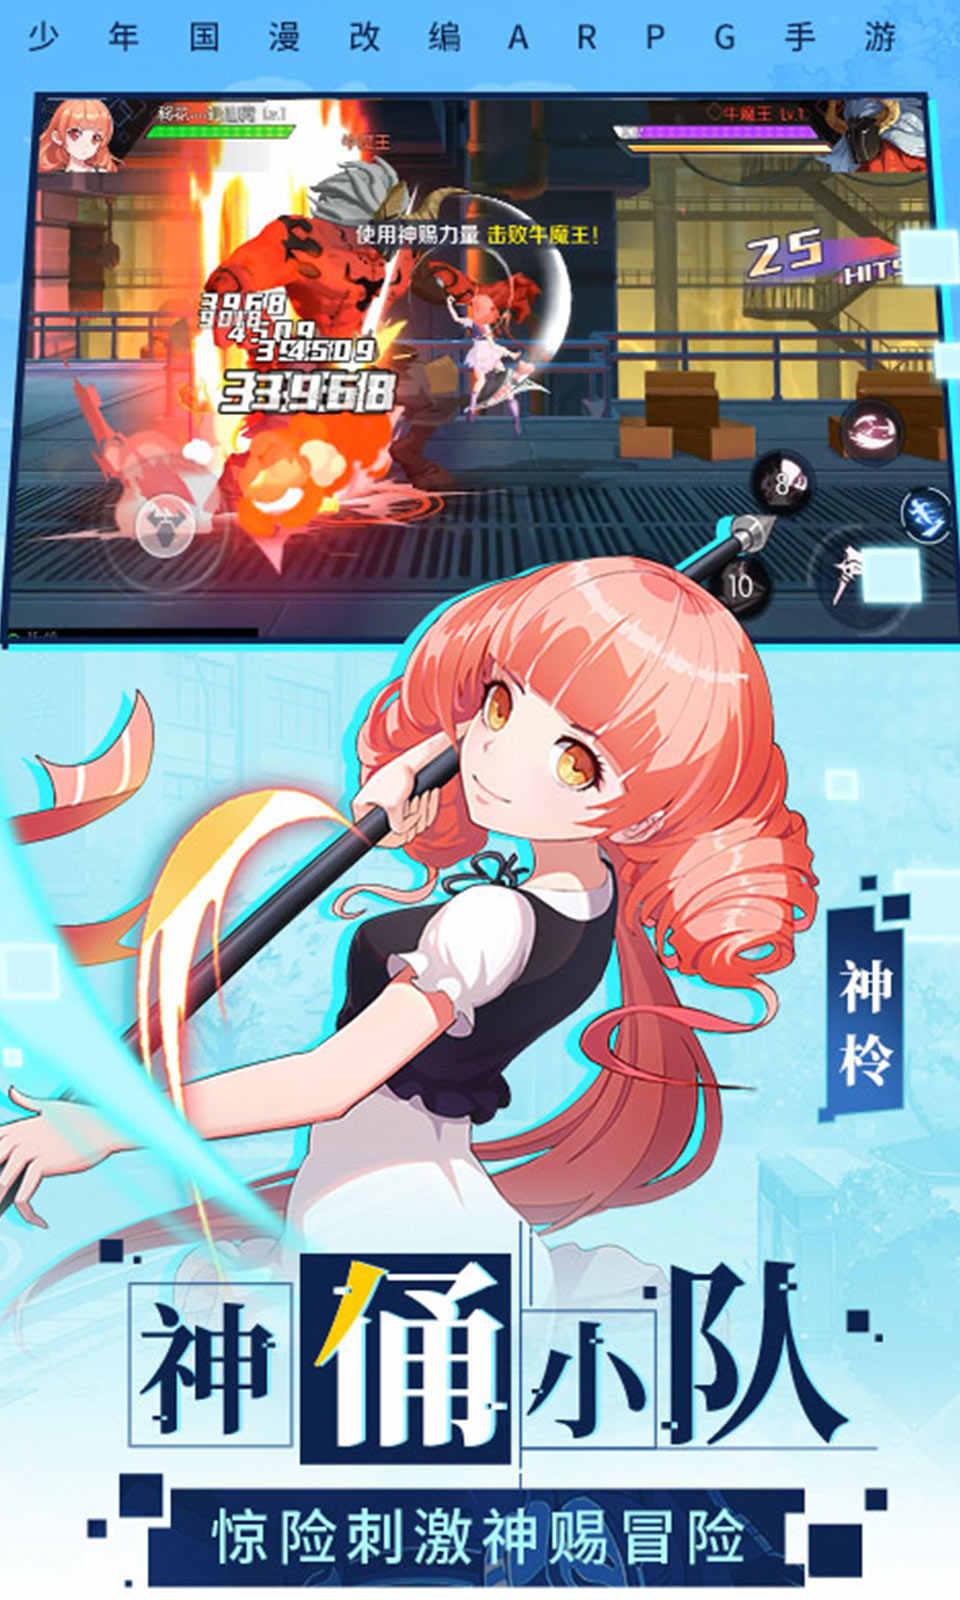 手机游戏通用版_神俑降临_安卓手机游戏免费版下载_7723手机游戏